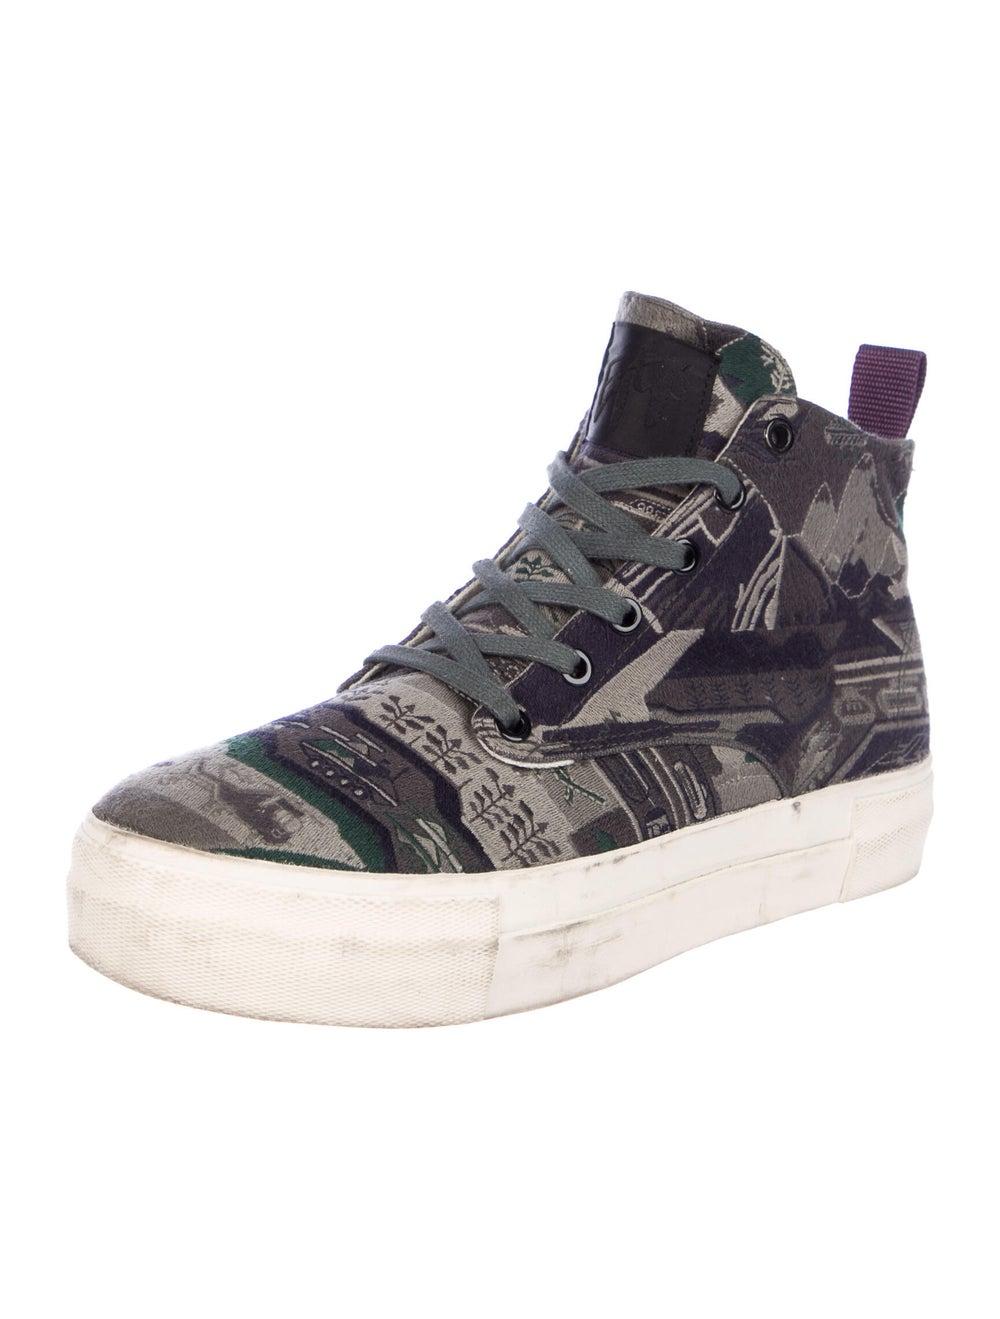 Eytys Printed Sneakers Green - image 2